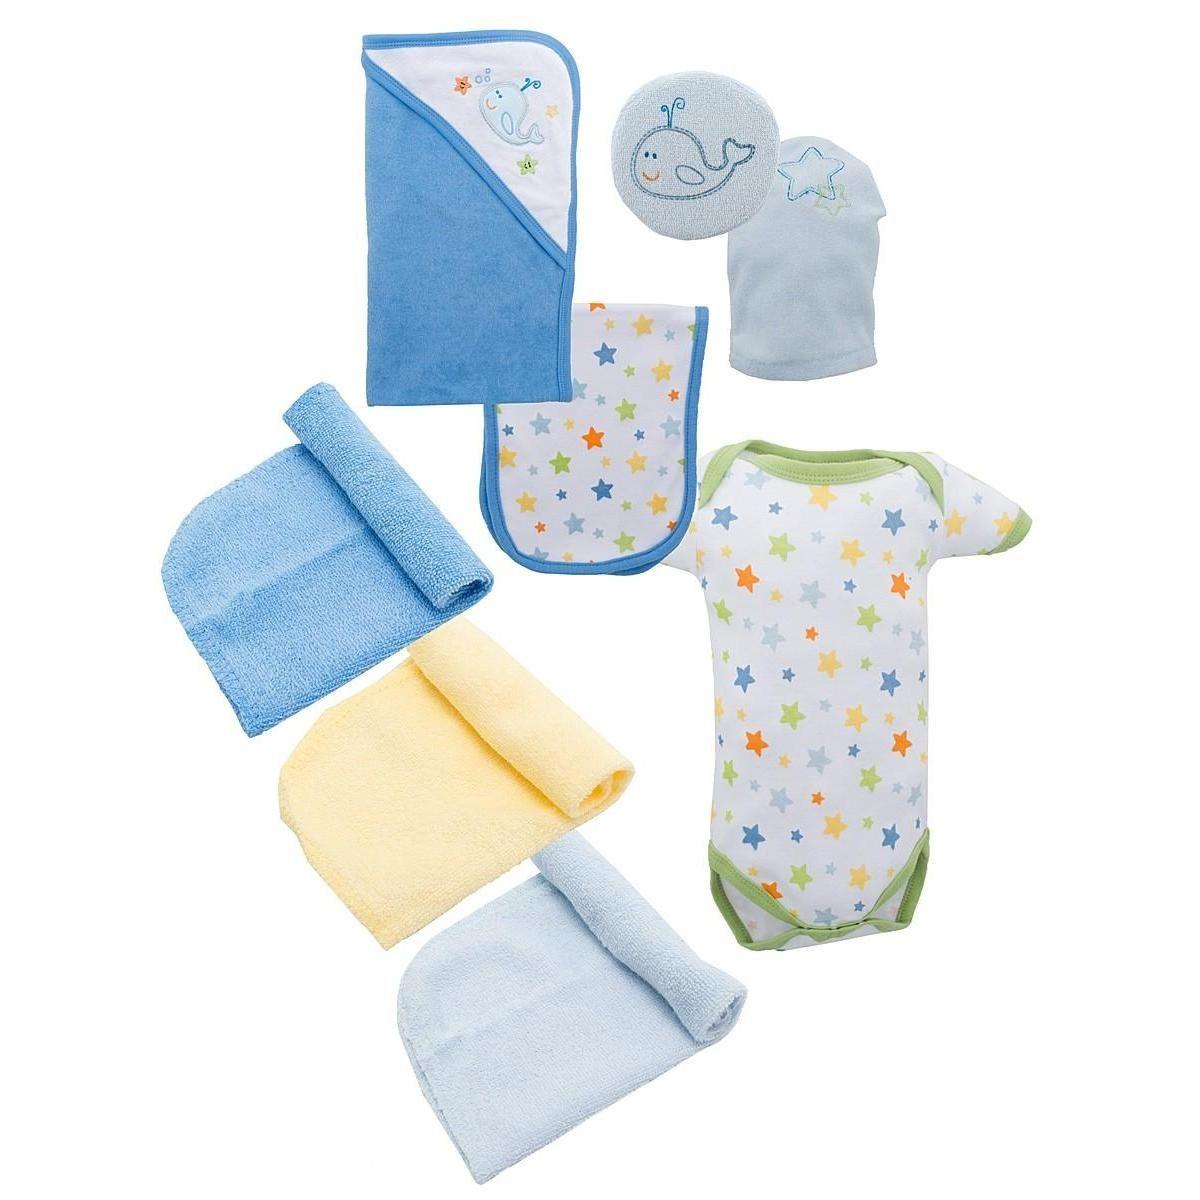 Подарочный набор для новорожденного 9 пр Luvable Friends 07074